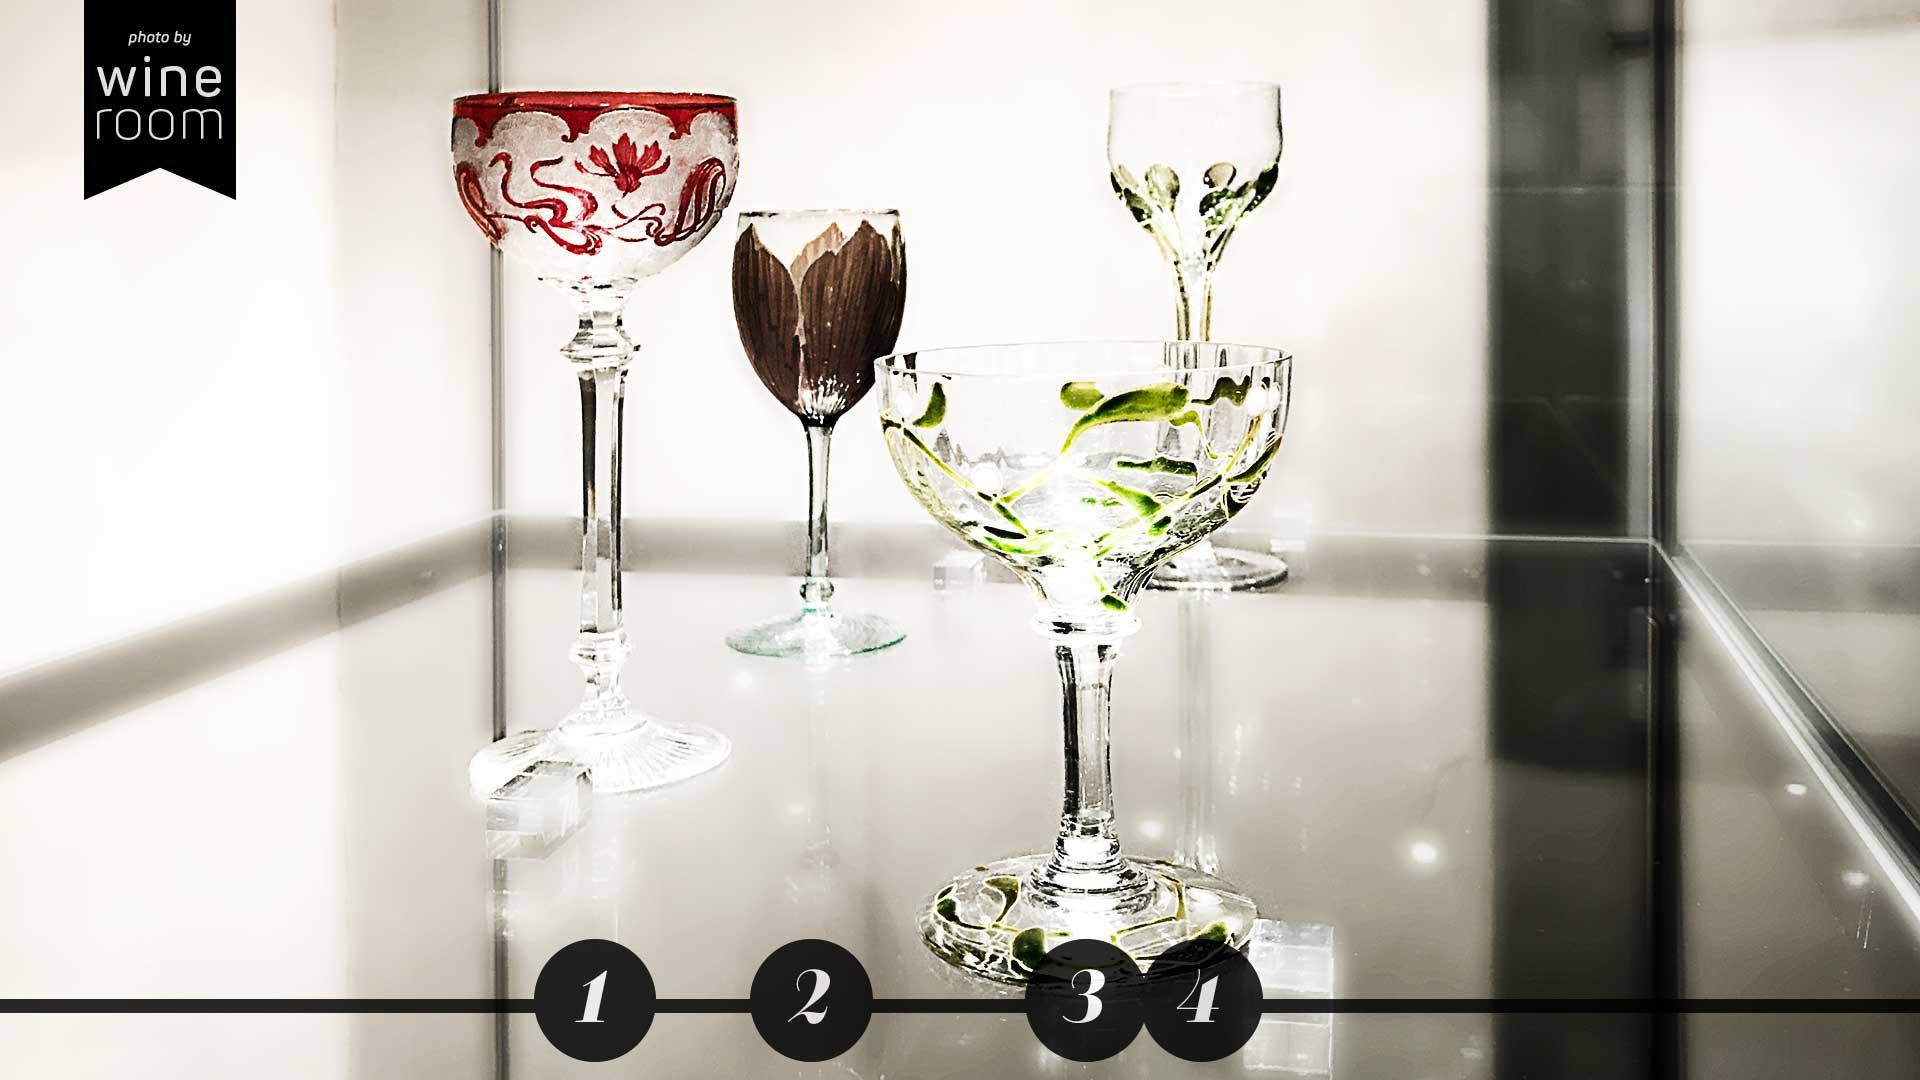 Weingläser aus 4 Jahrhunderten Sammlung Christian Jentsch: vier Gläser mit Jugendstil-Dekor